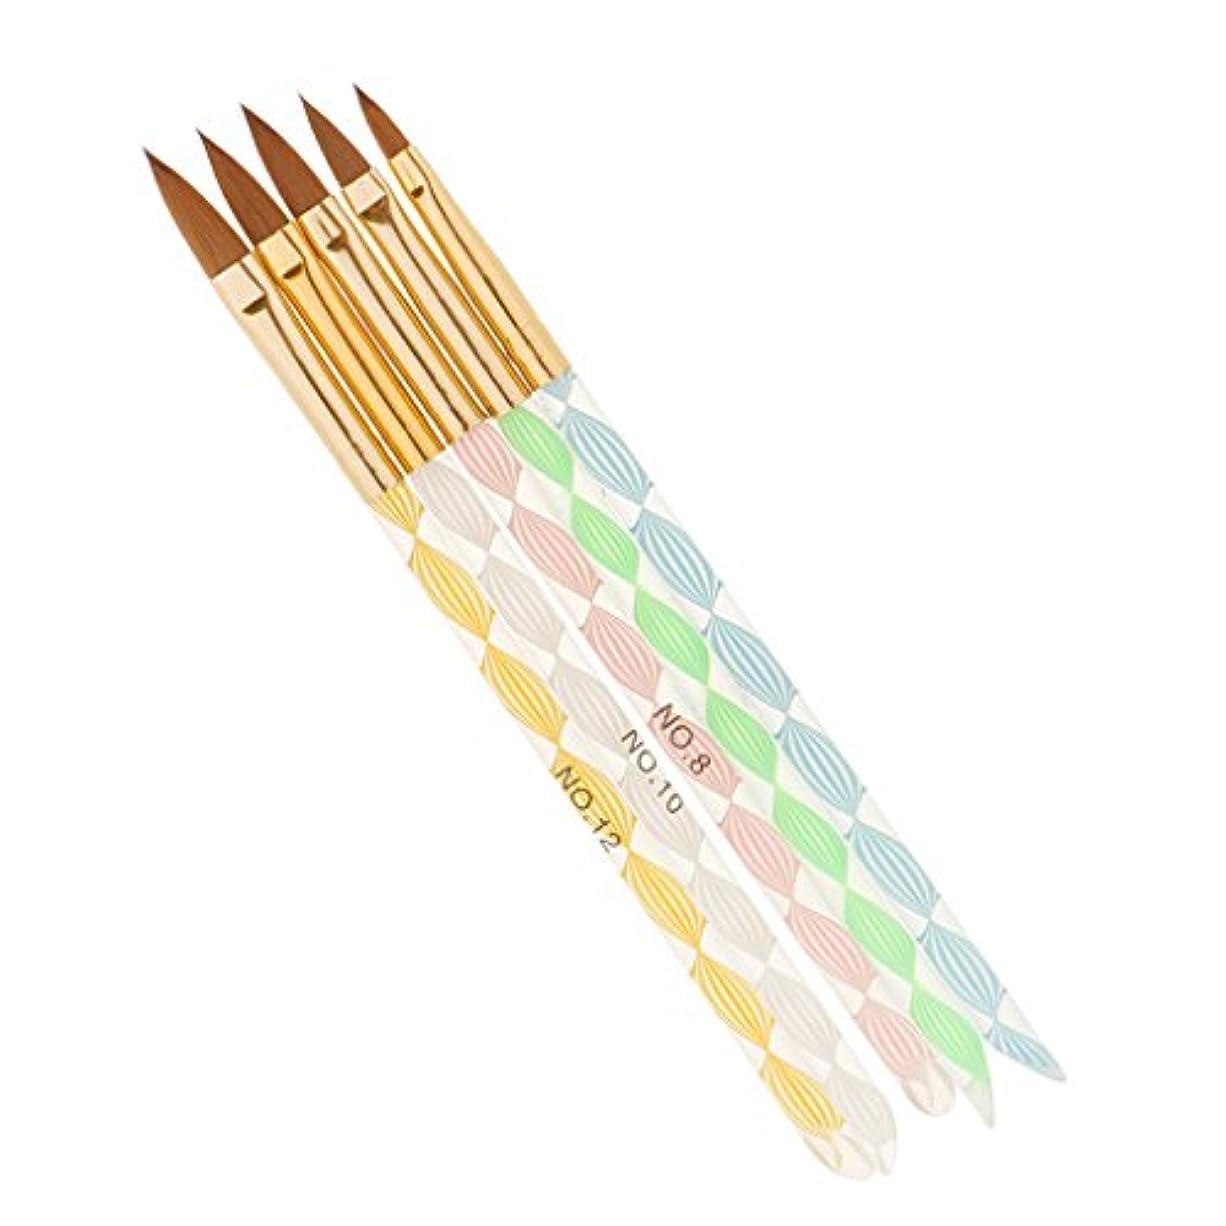 内訳爵プラスチックPerfk 5本 ネイルアート デザイン ブラシキット マニキュアツール 絵画 描画 磨き ブラシ